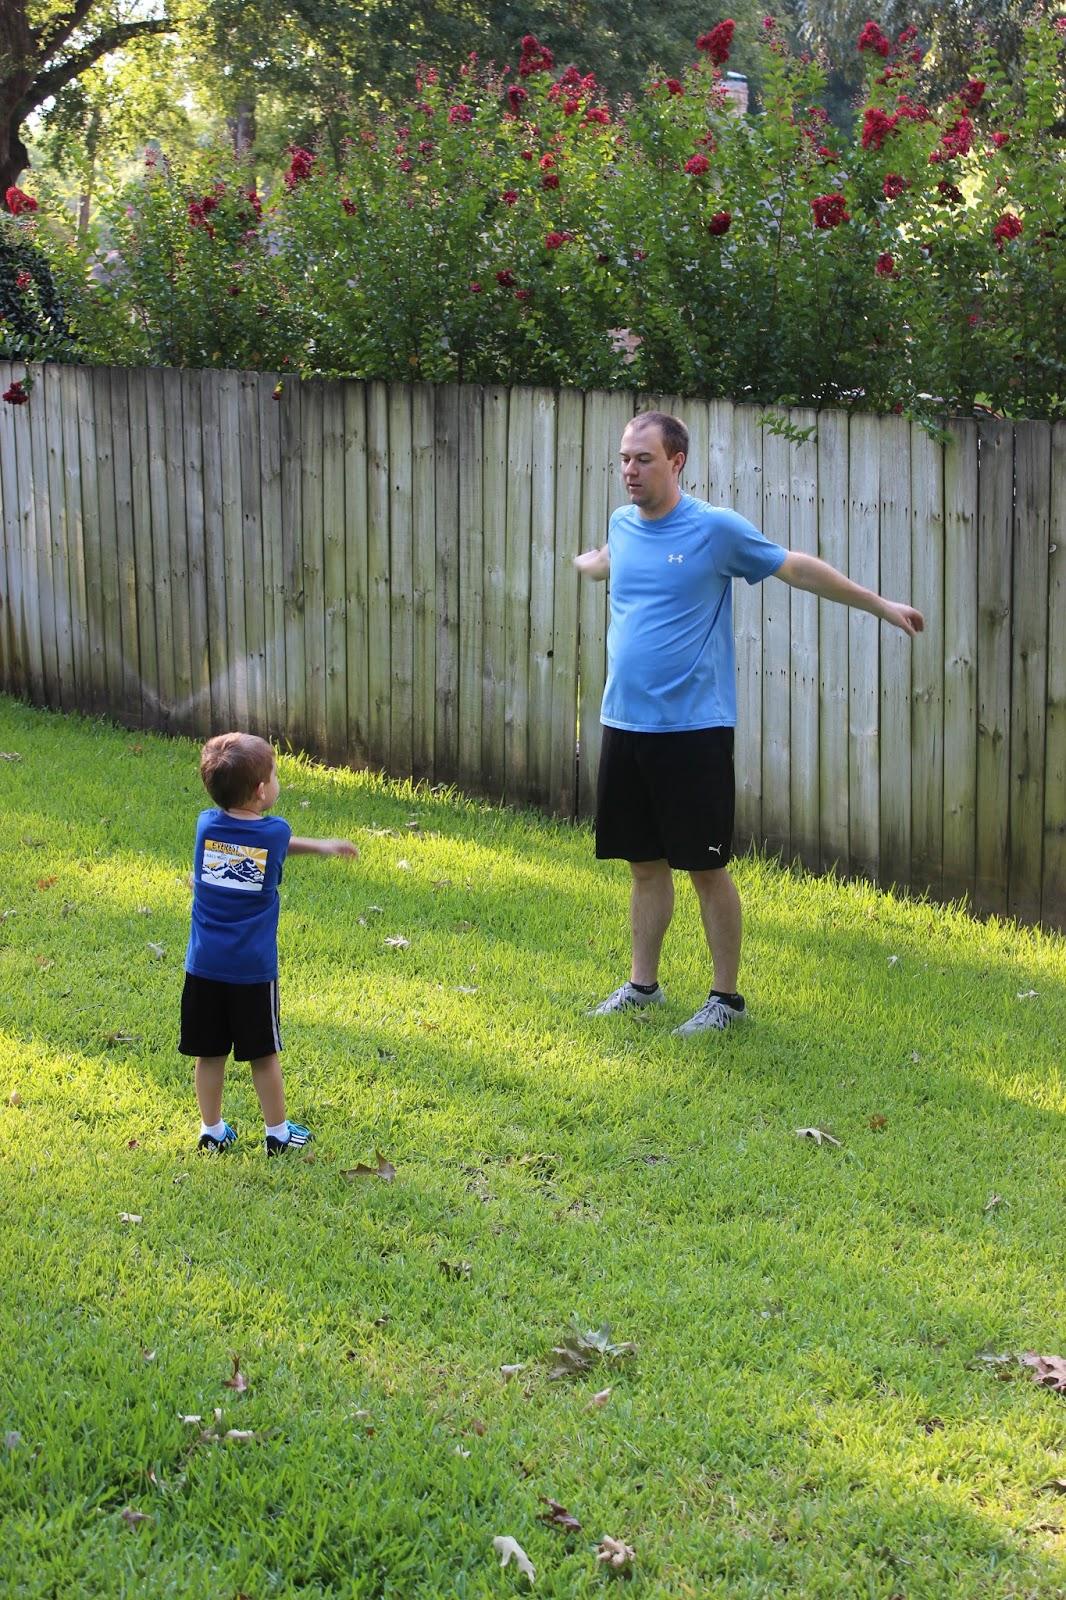 Backyard Soccer Practice